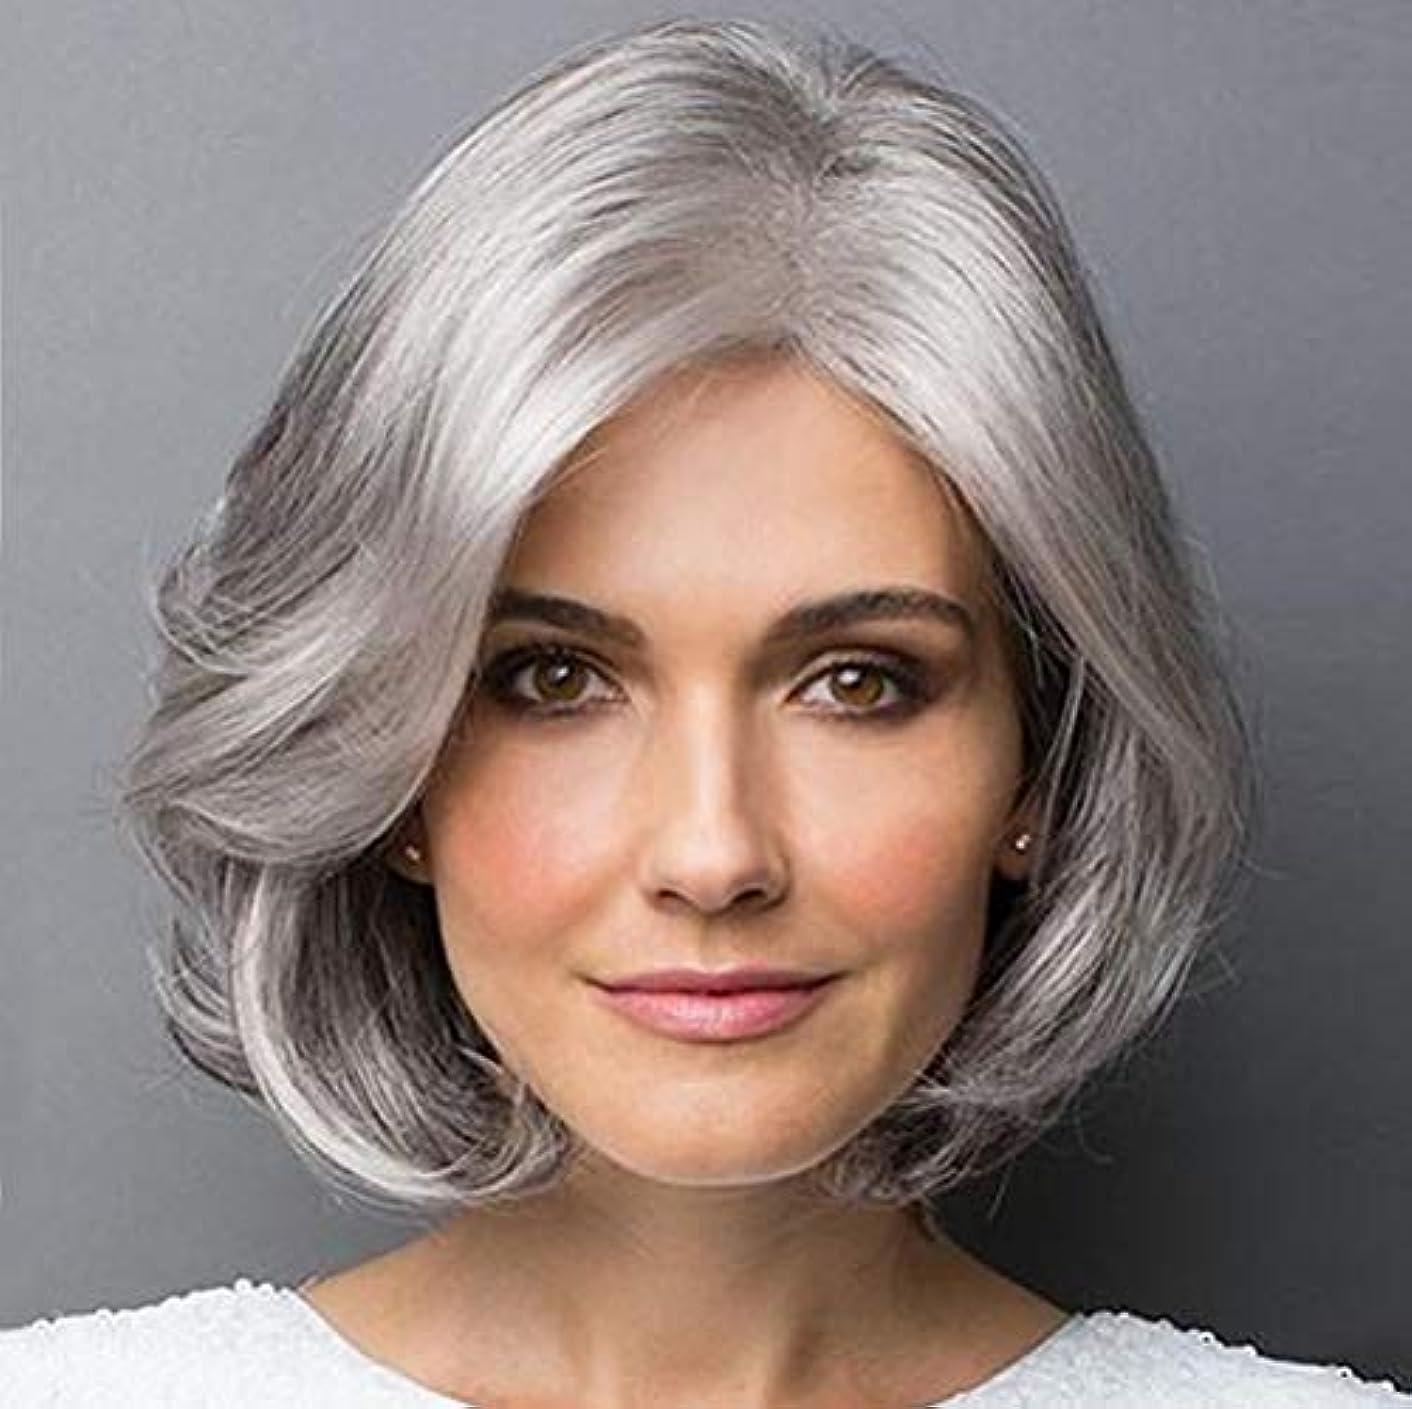 事故沿ってボイコット女性かつら人間の髪の毛おばあちゃんの髪耐熱合成短い絹のようなパーティーヘアウィッグライトグレー35 cm